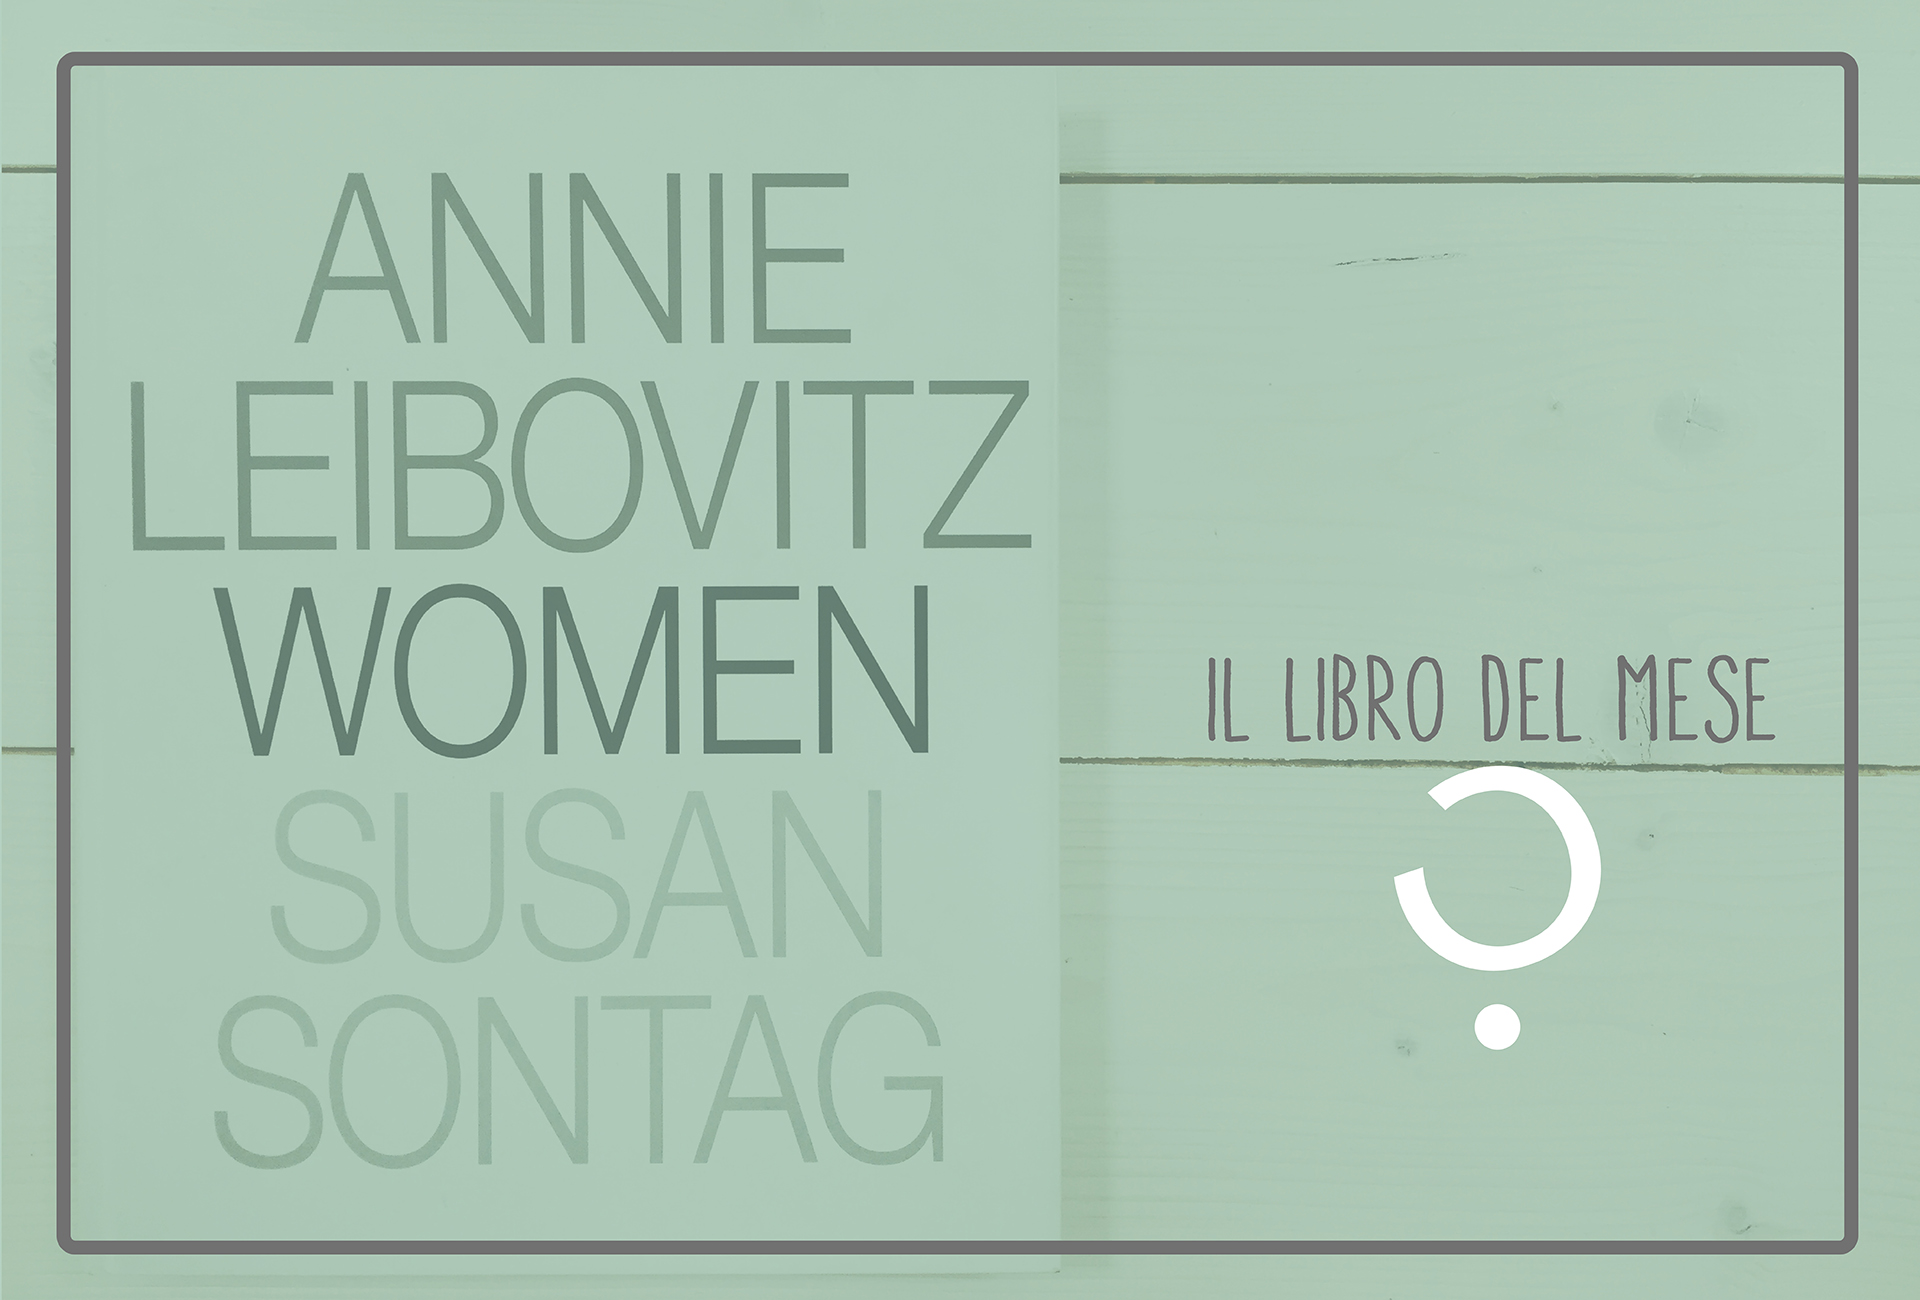 Il libro del mese - Women - Annie Leibovitz e Susan Sontag